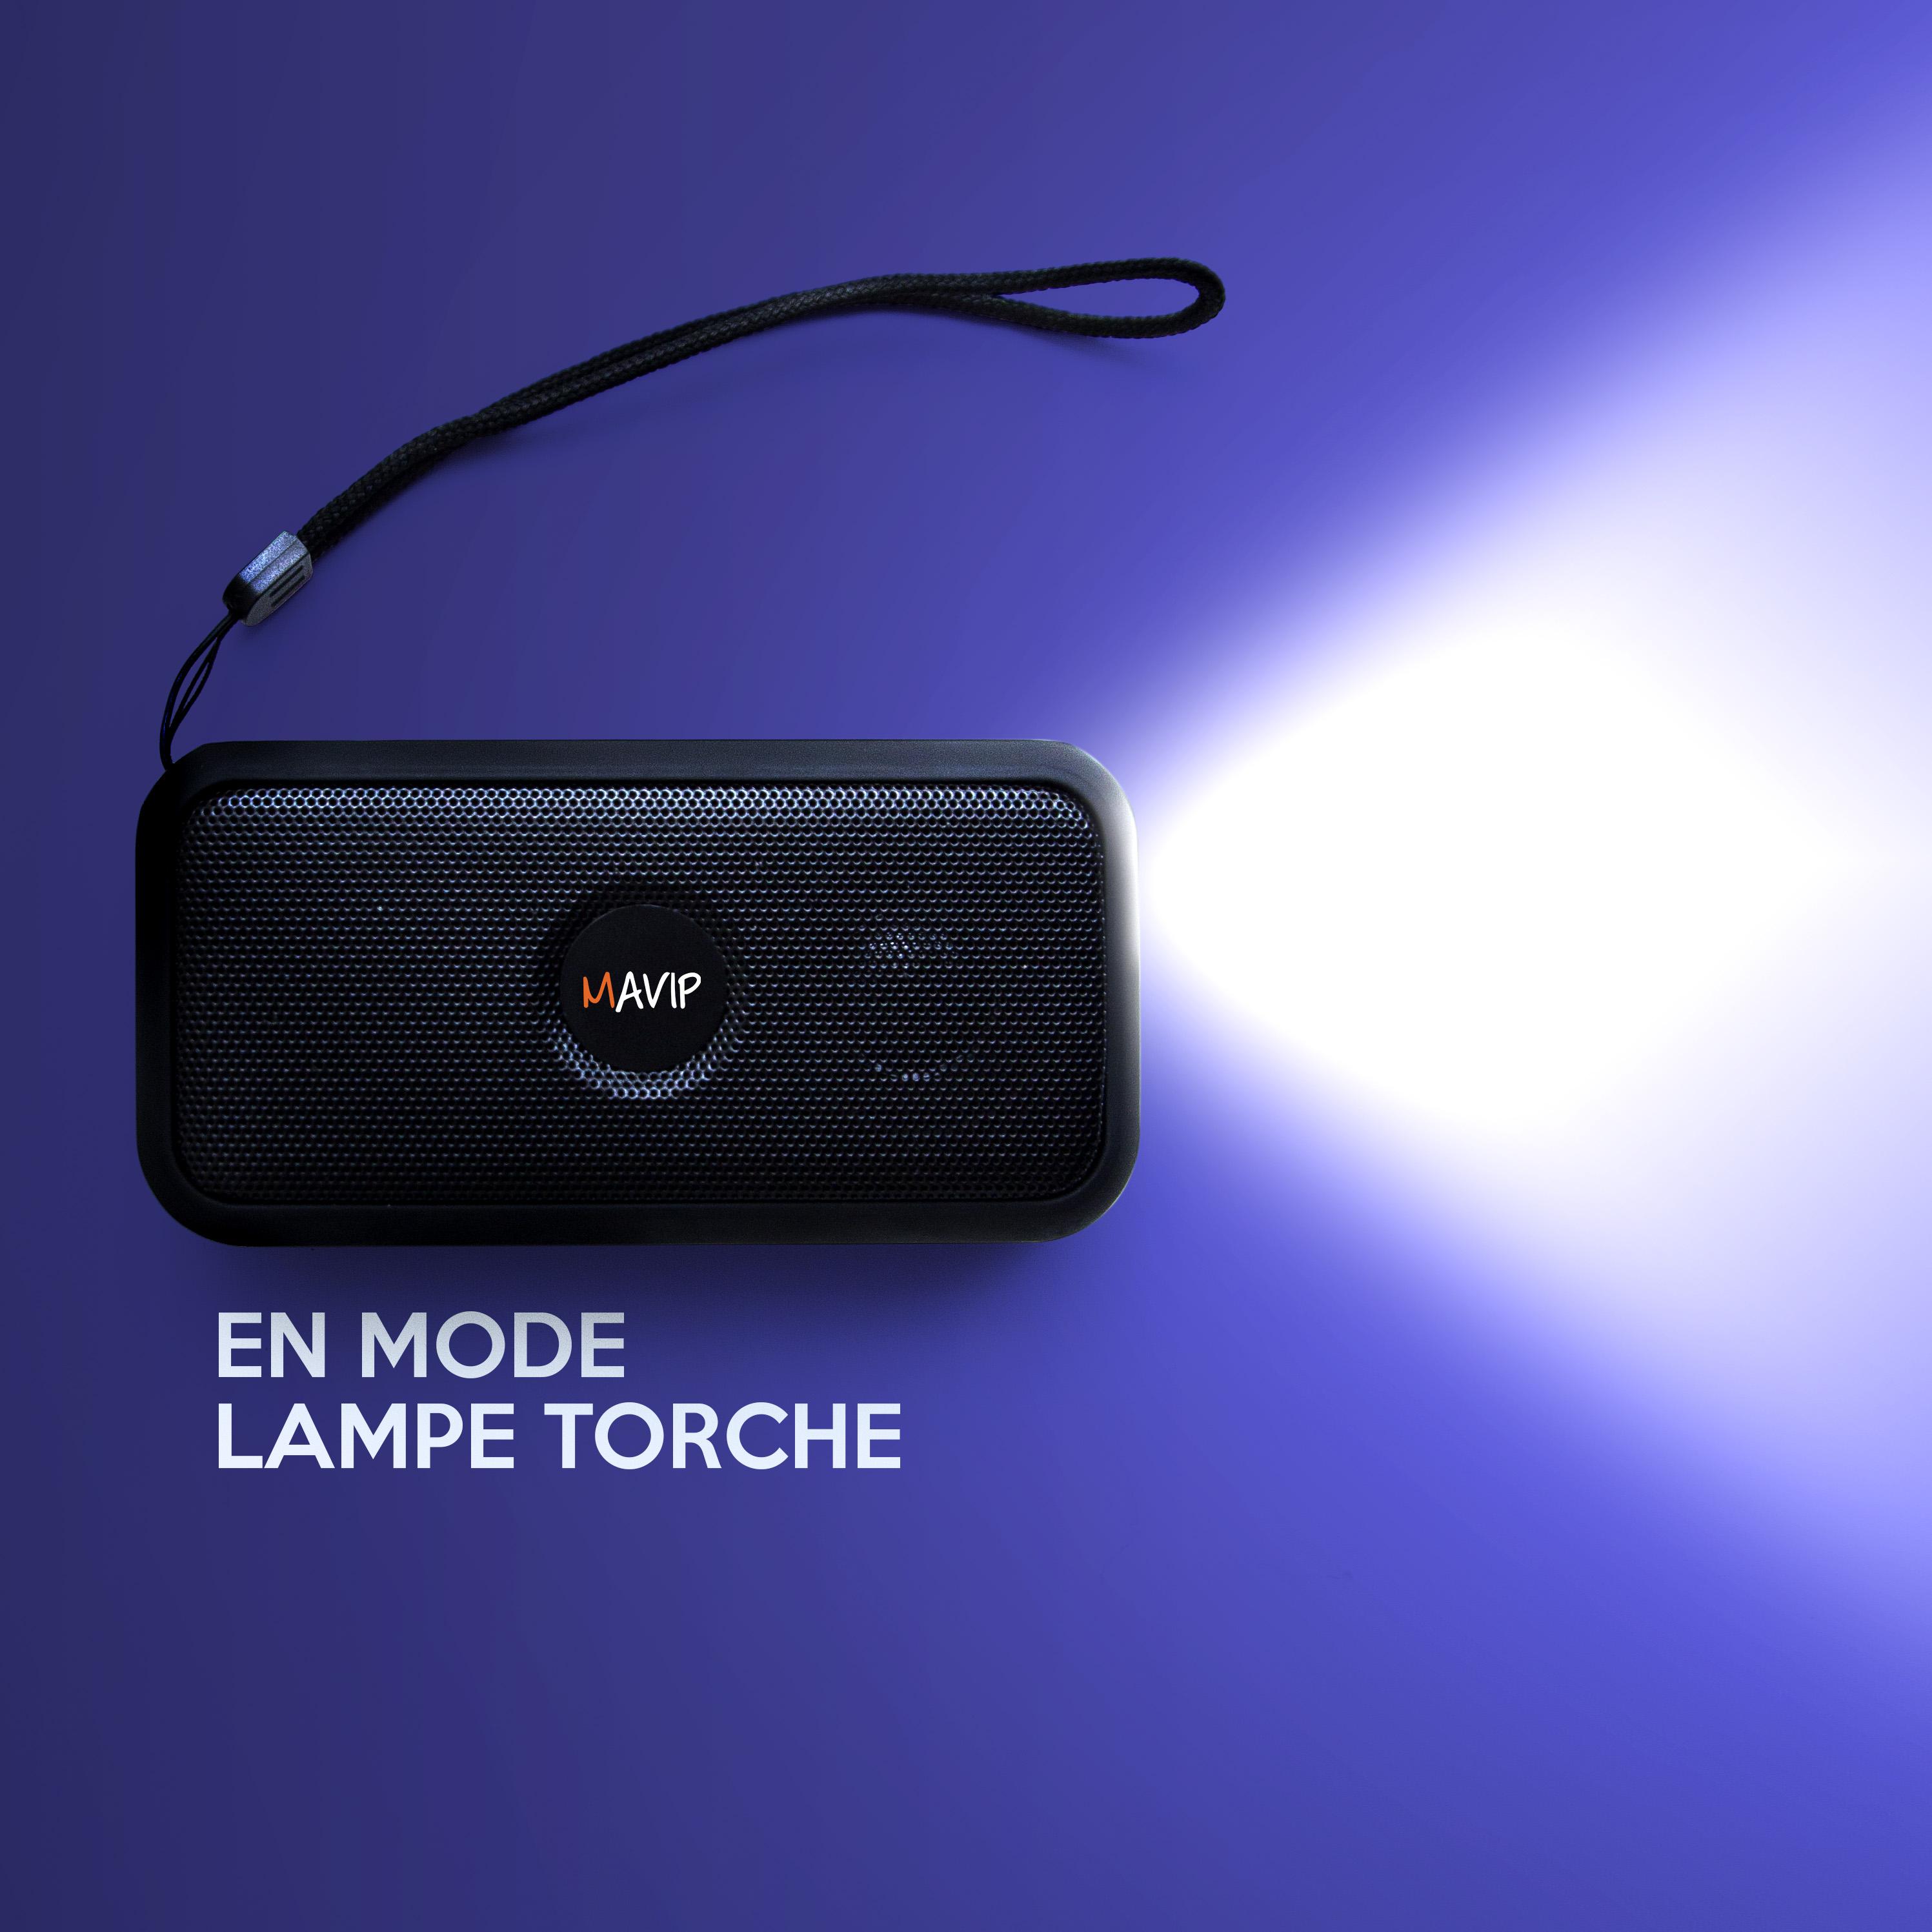 La fonction lampe torche de l'enceinte sans fil multifonctions